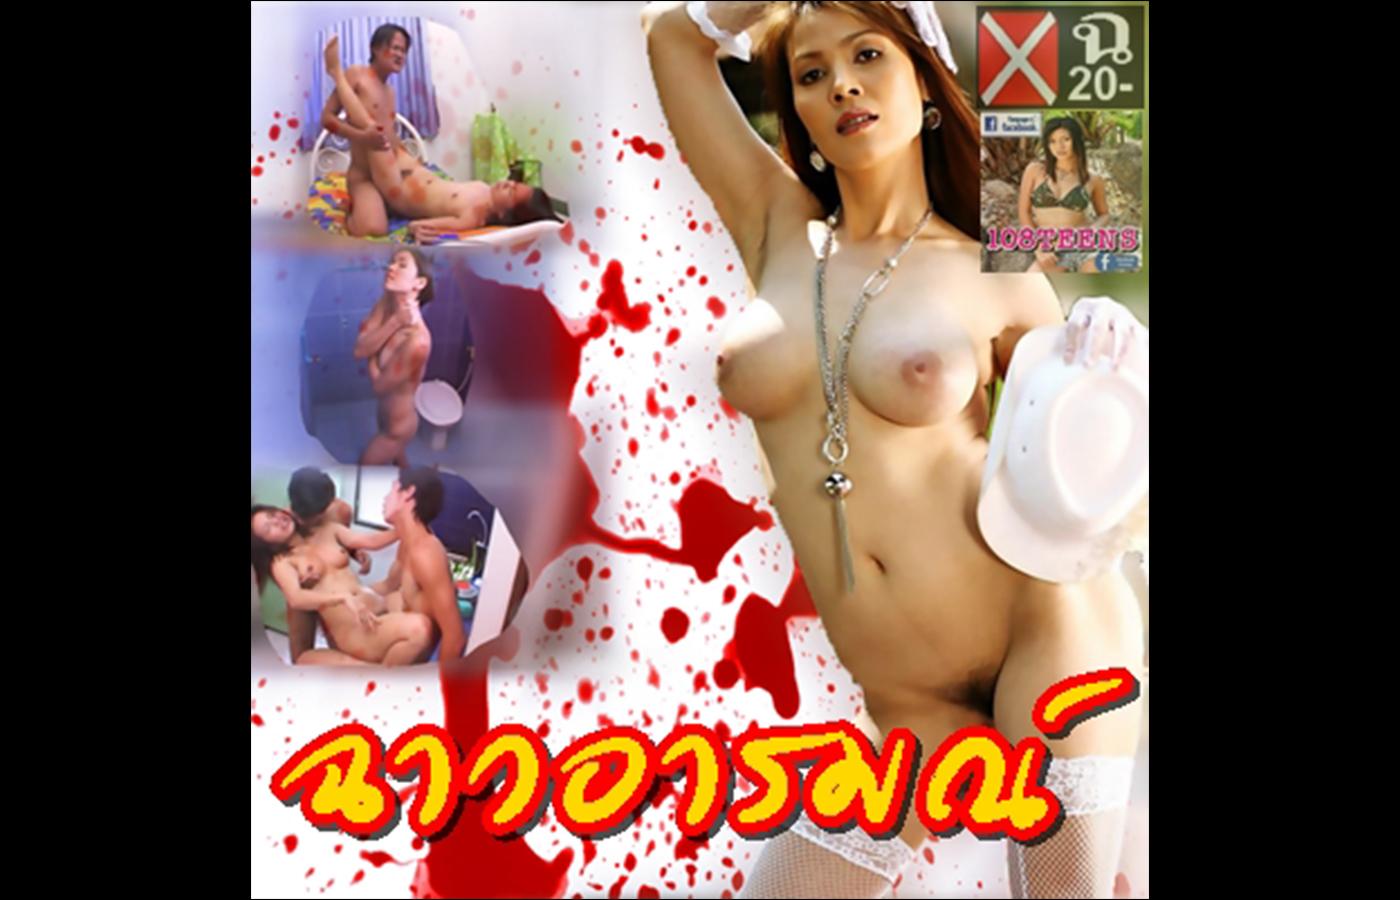 เลียหี เย็ดหี หนังไทยยุคเก่า หนังไทย18+ หนังโป๊เนื้อเรื่อง หนังอาร์ออนไลน์ หนังอาร์ หนังrไทย หนังRRRฟรี หนัง18ดูฟรี